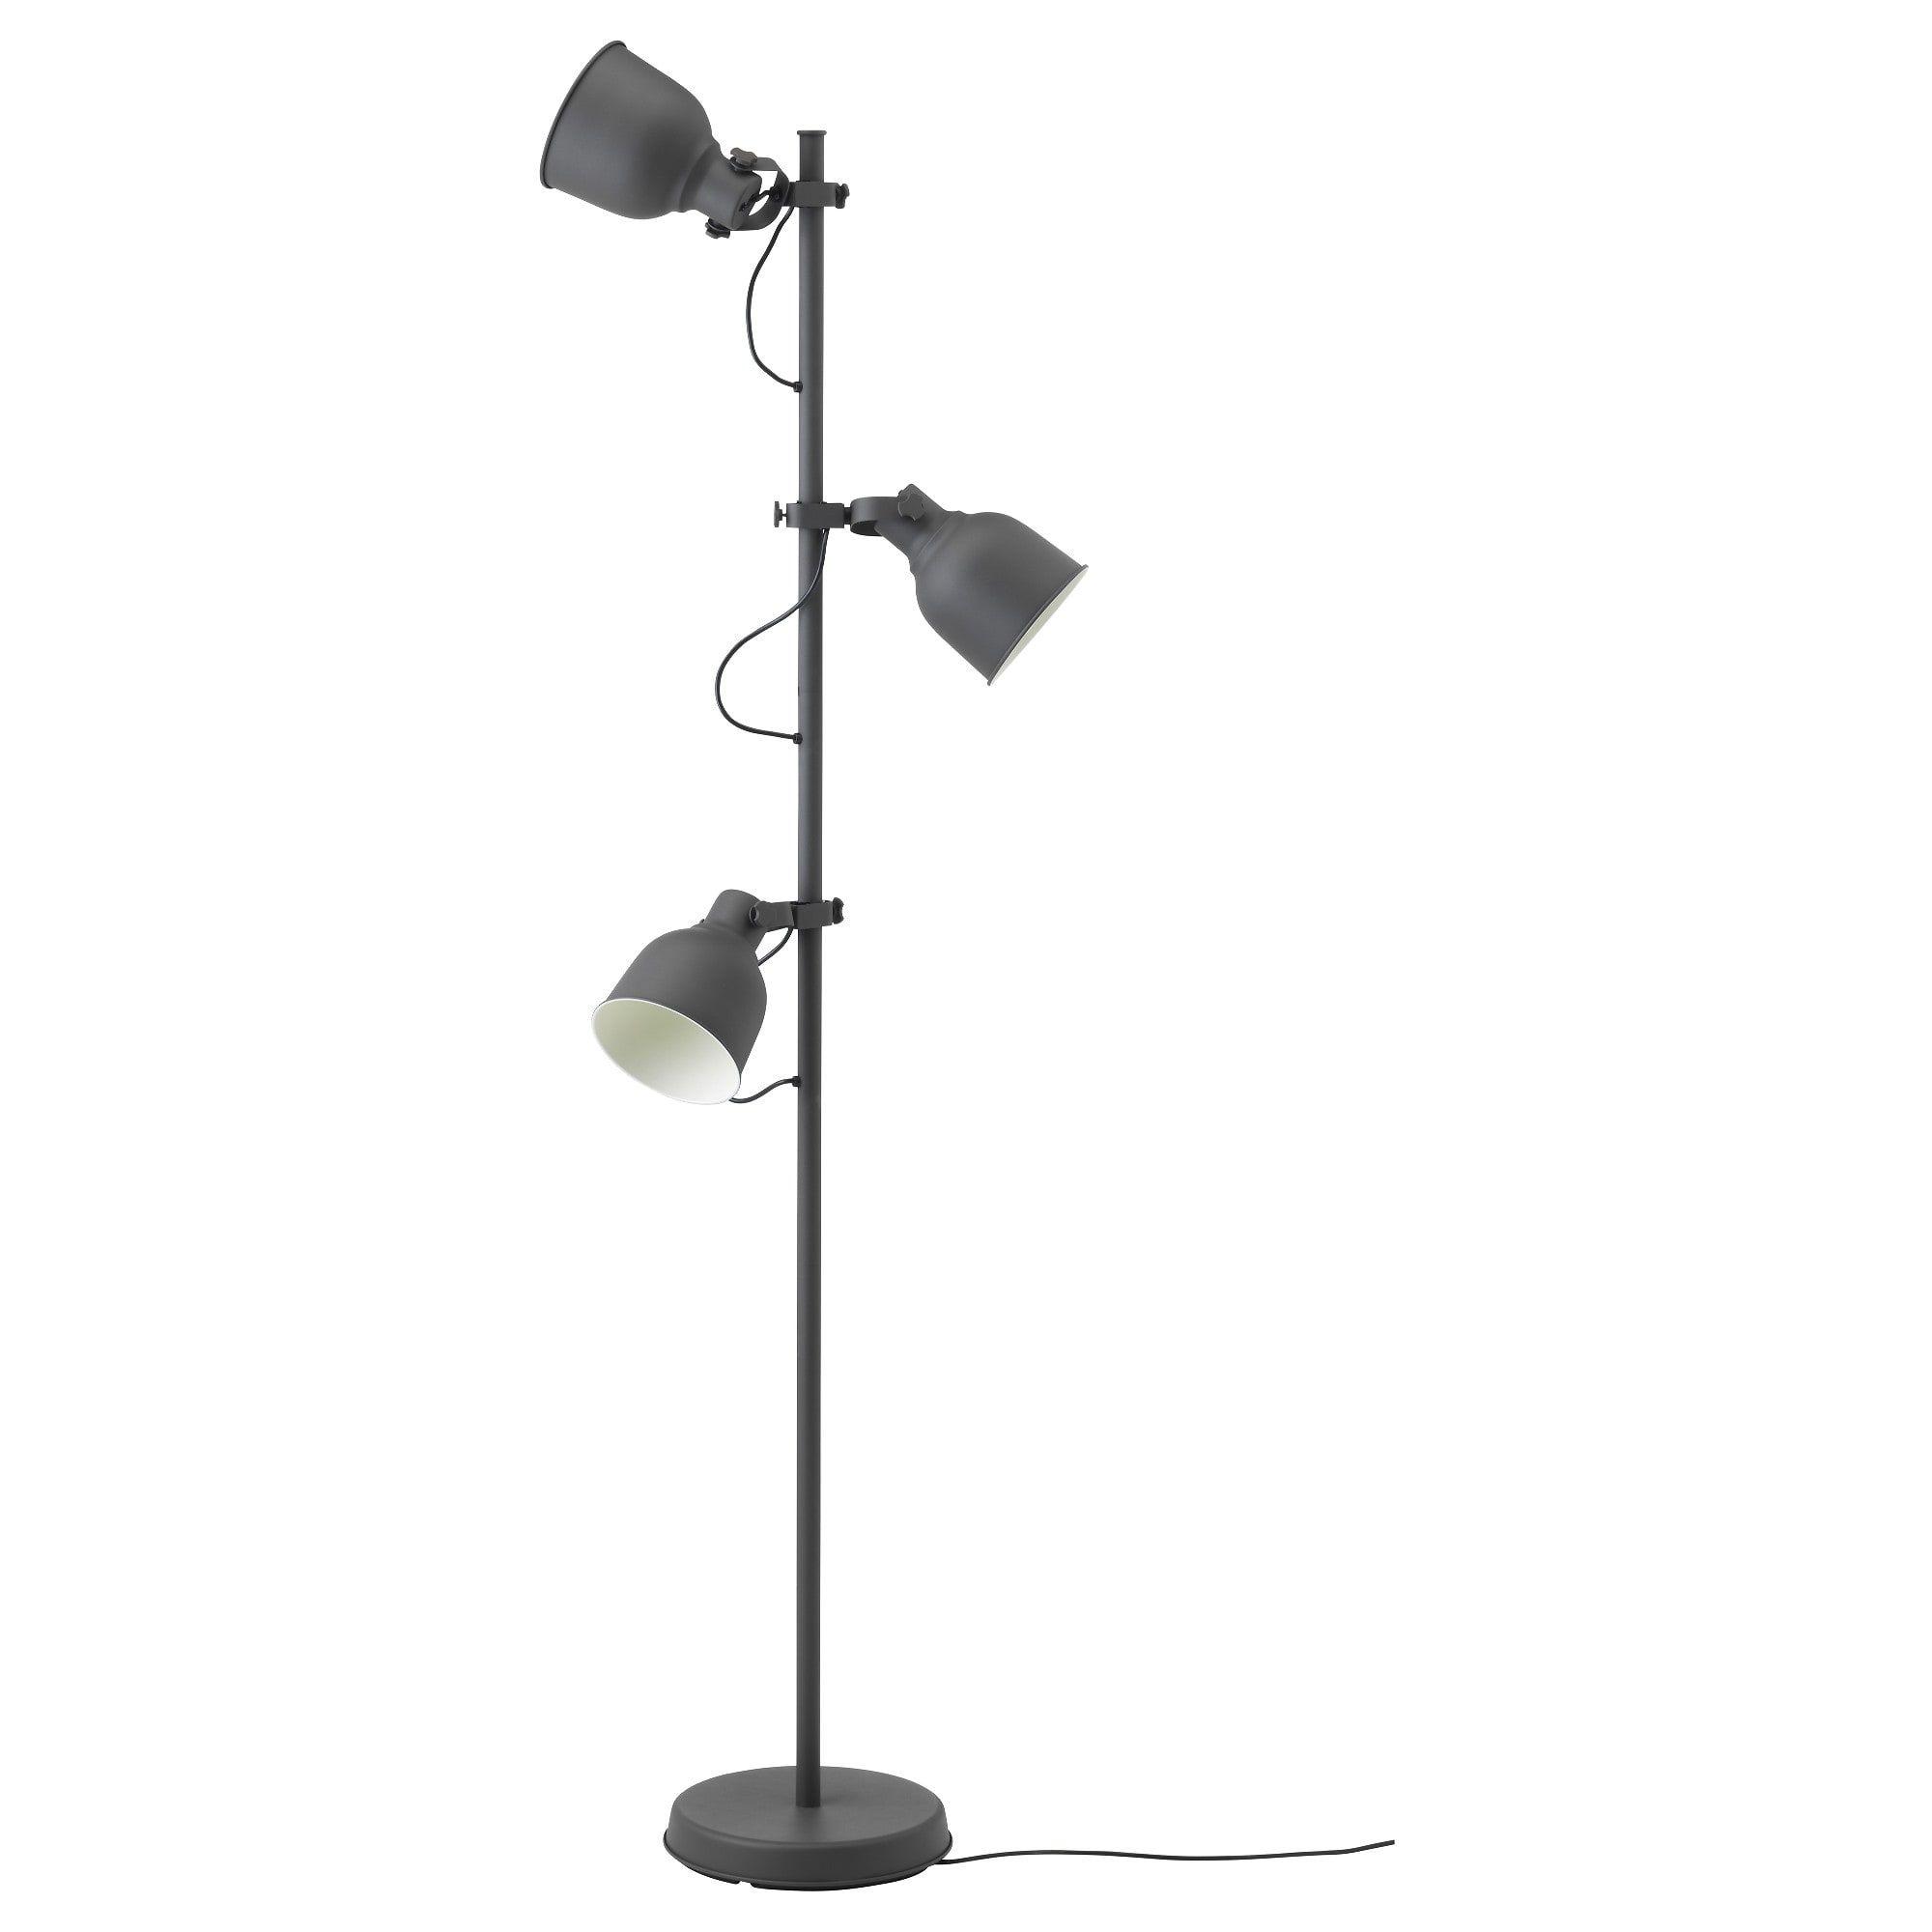 Full Size of Ikea Stehlampe Papier Ersatzschirm Stehlampenschirm Schirm Stehleuchte Dimmbar Stockholm Deckenfluter Not Stehlampen Wohnzimmer Sofa Mit Schlaffunktion Wohnzimmer Ikea Stehlampe